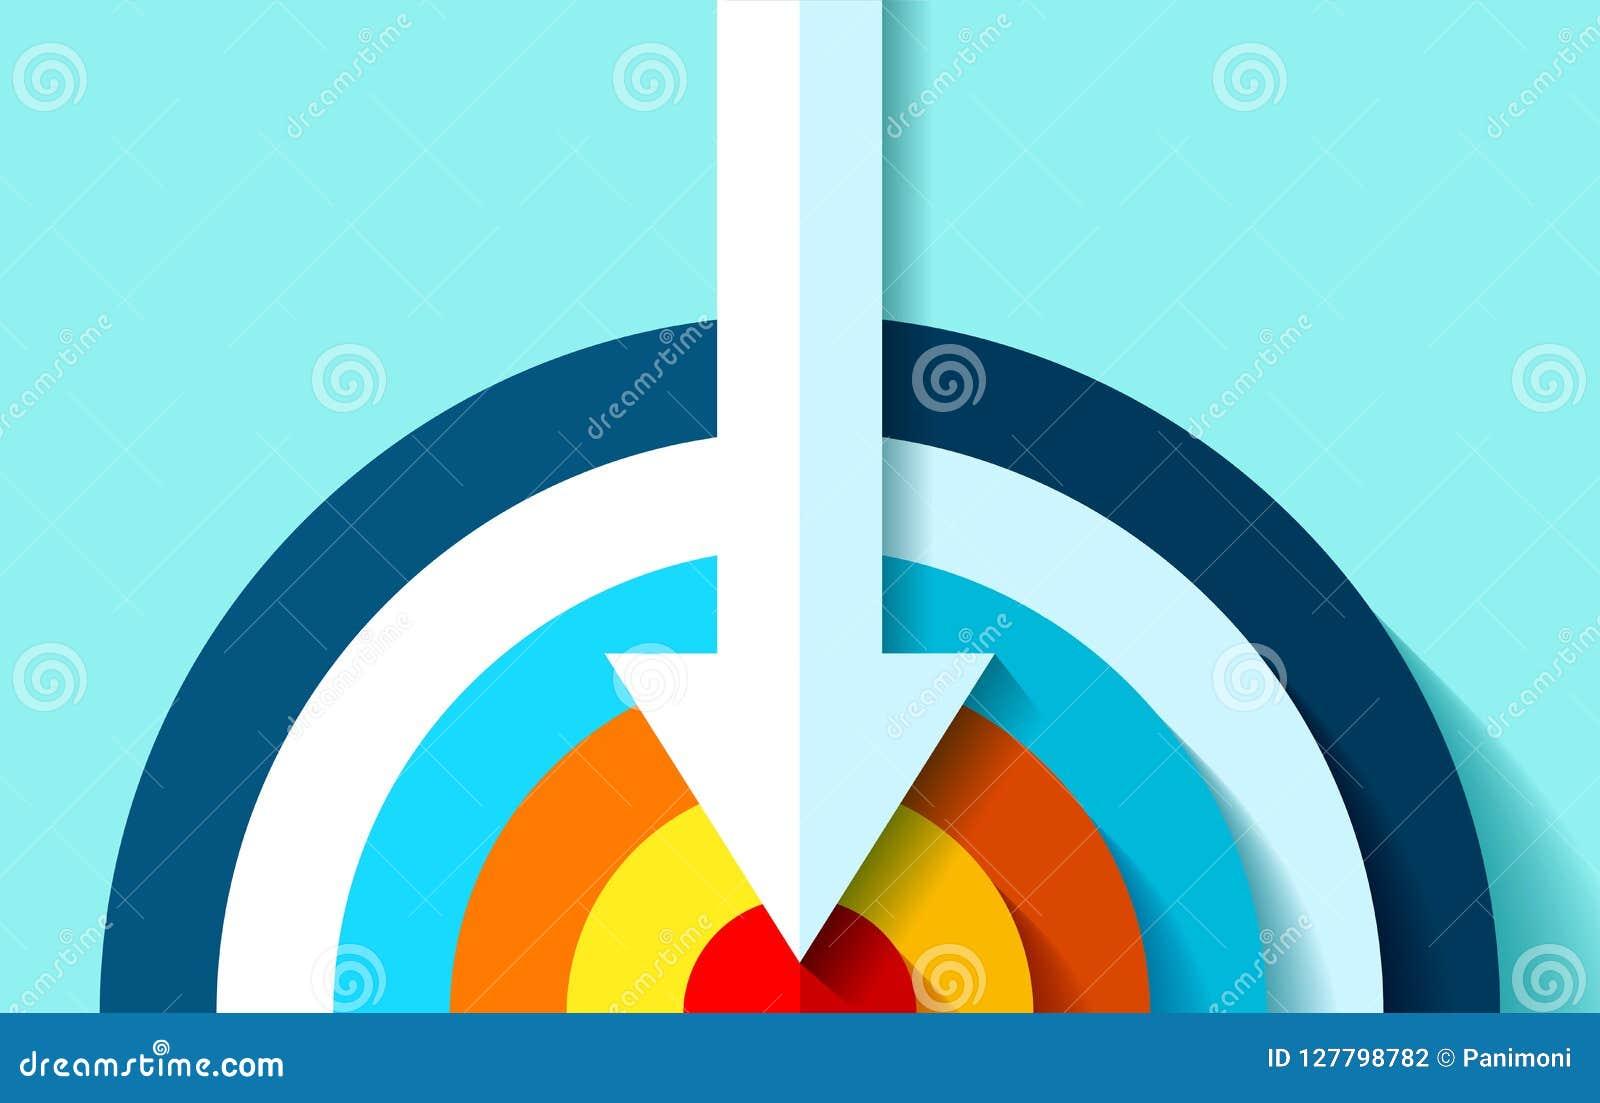 Volumen-Zielikone in der flachen Art auf Farbhintergrund Weißer Pfeil im Mittelziel Vektorgestaltungselement für Sie Geschäft pro